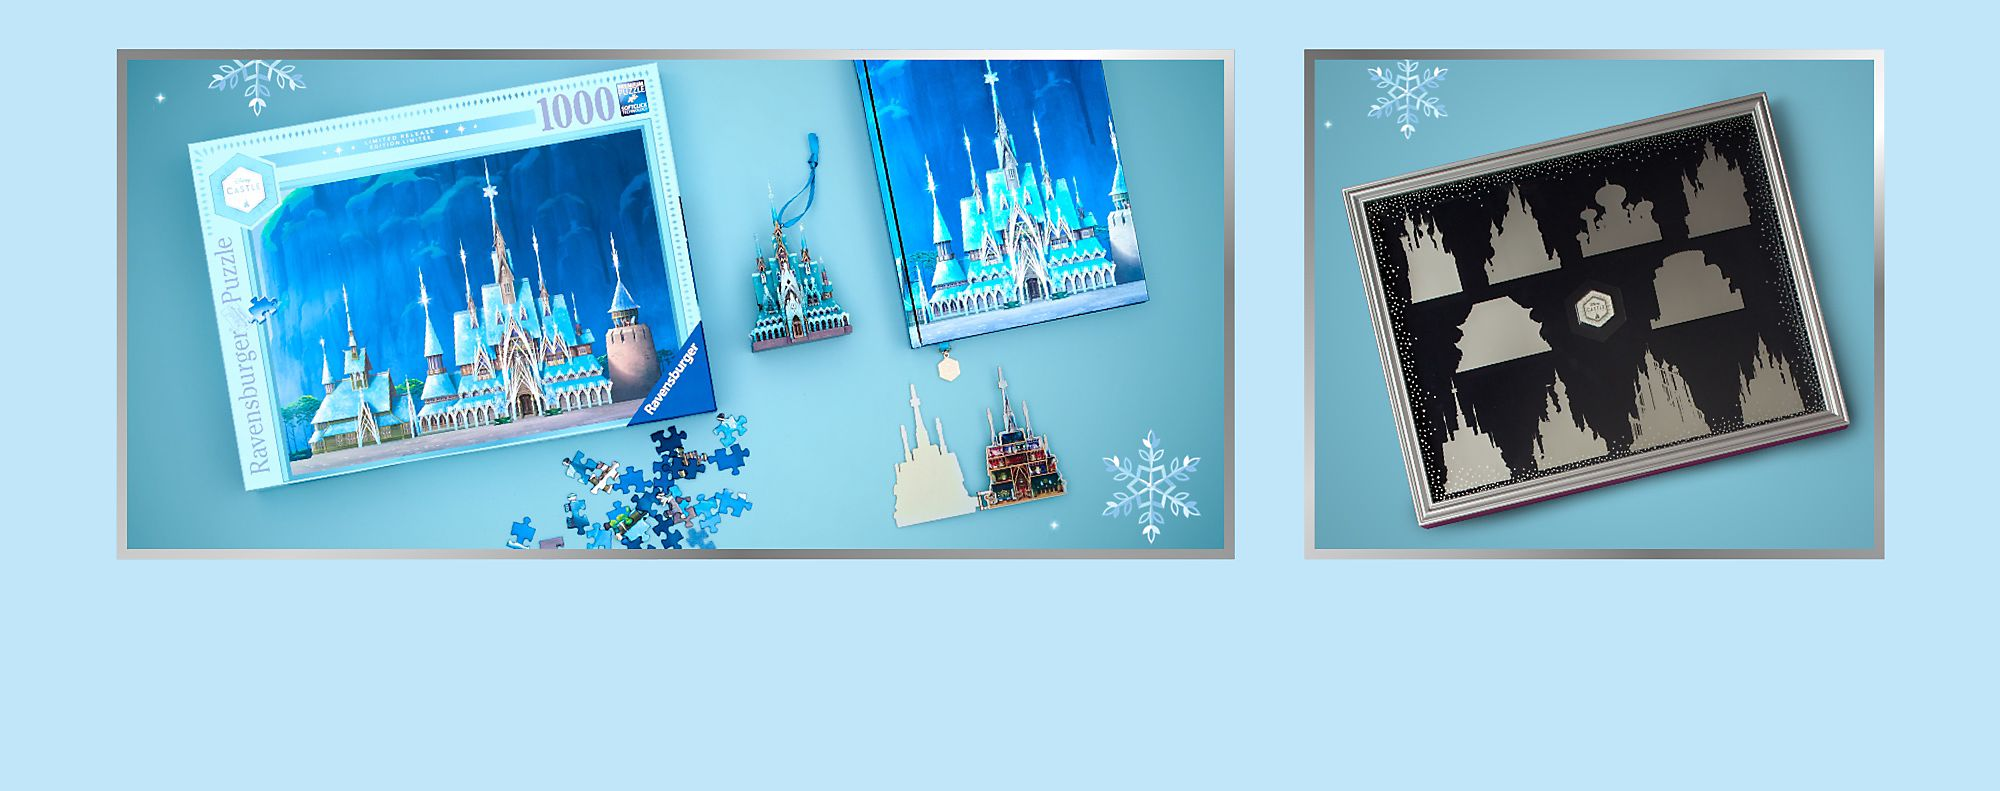 Rinde homenaje a la magia de Arendelle Esta serie incluye una figurita que se ilumina, un pin, un diario y un adorno del castillo de Frozen COMPRAR